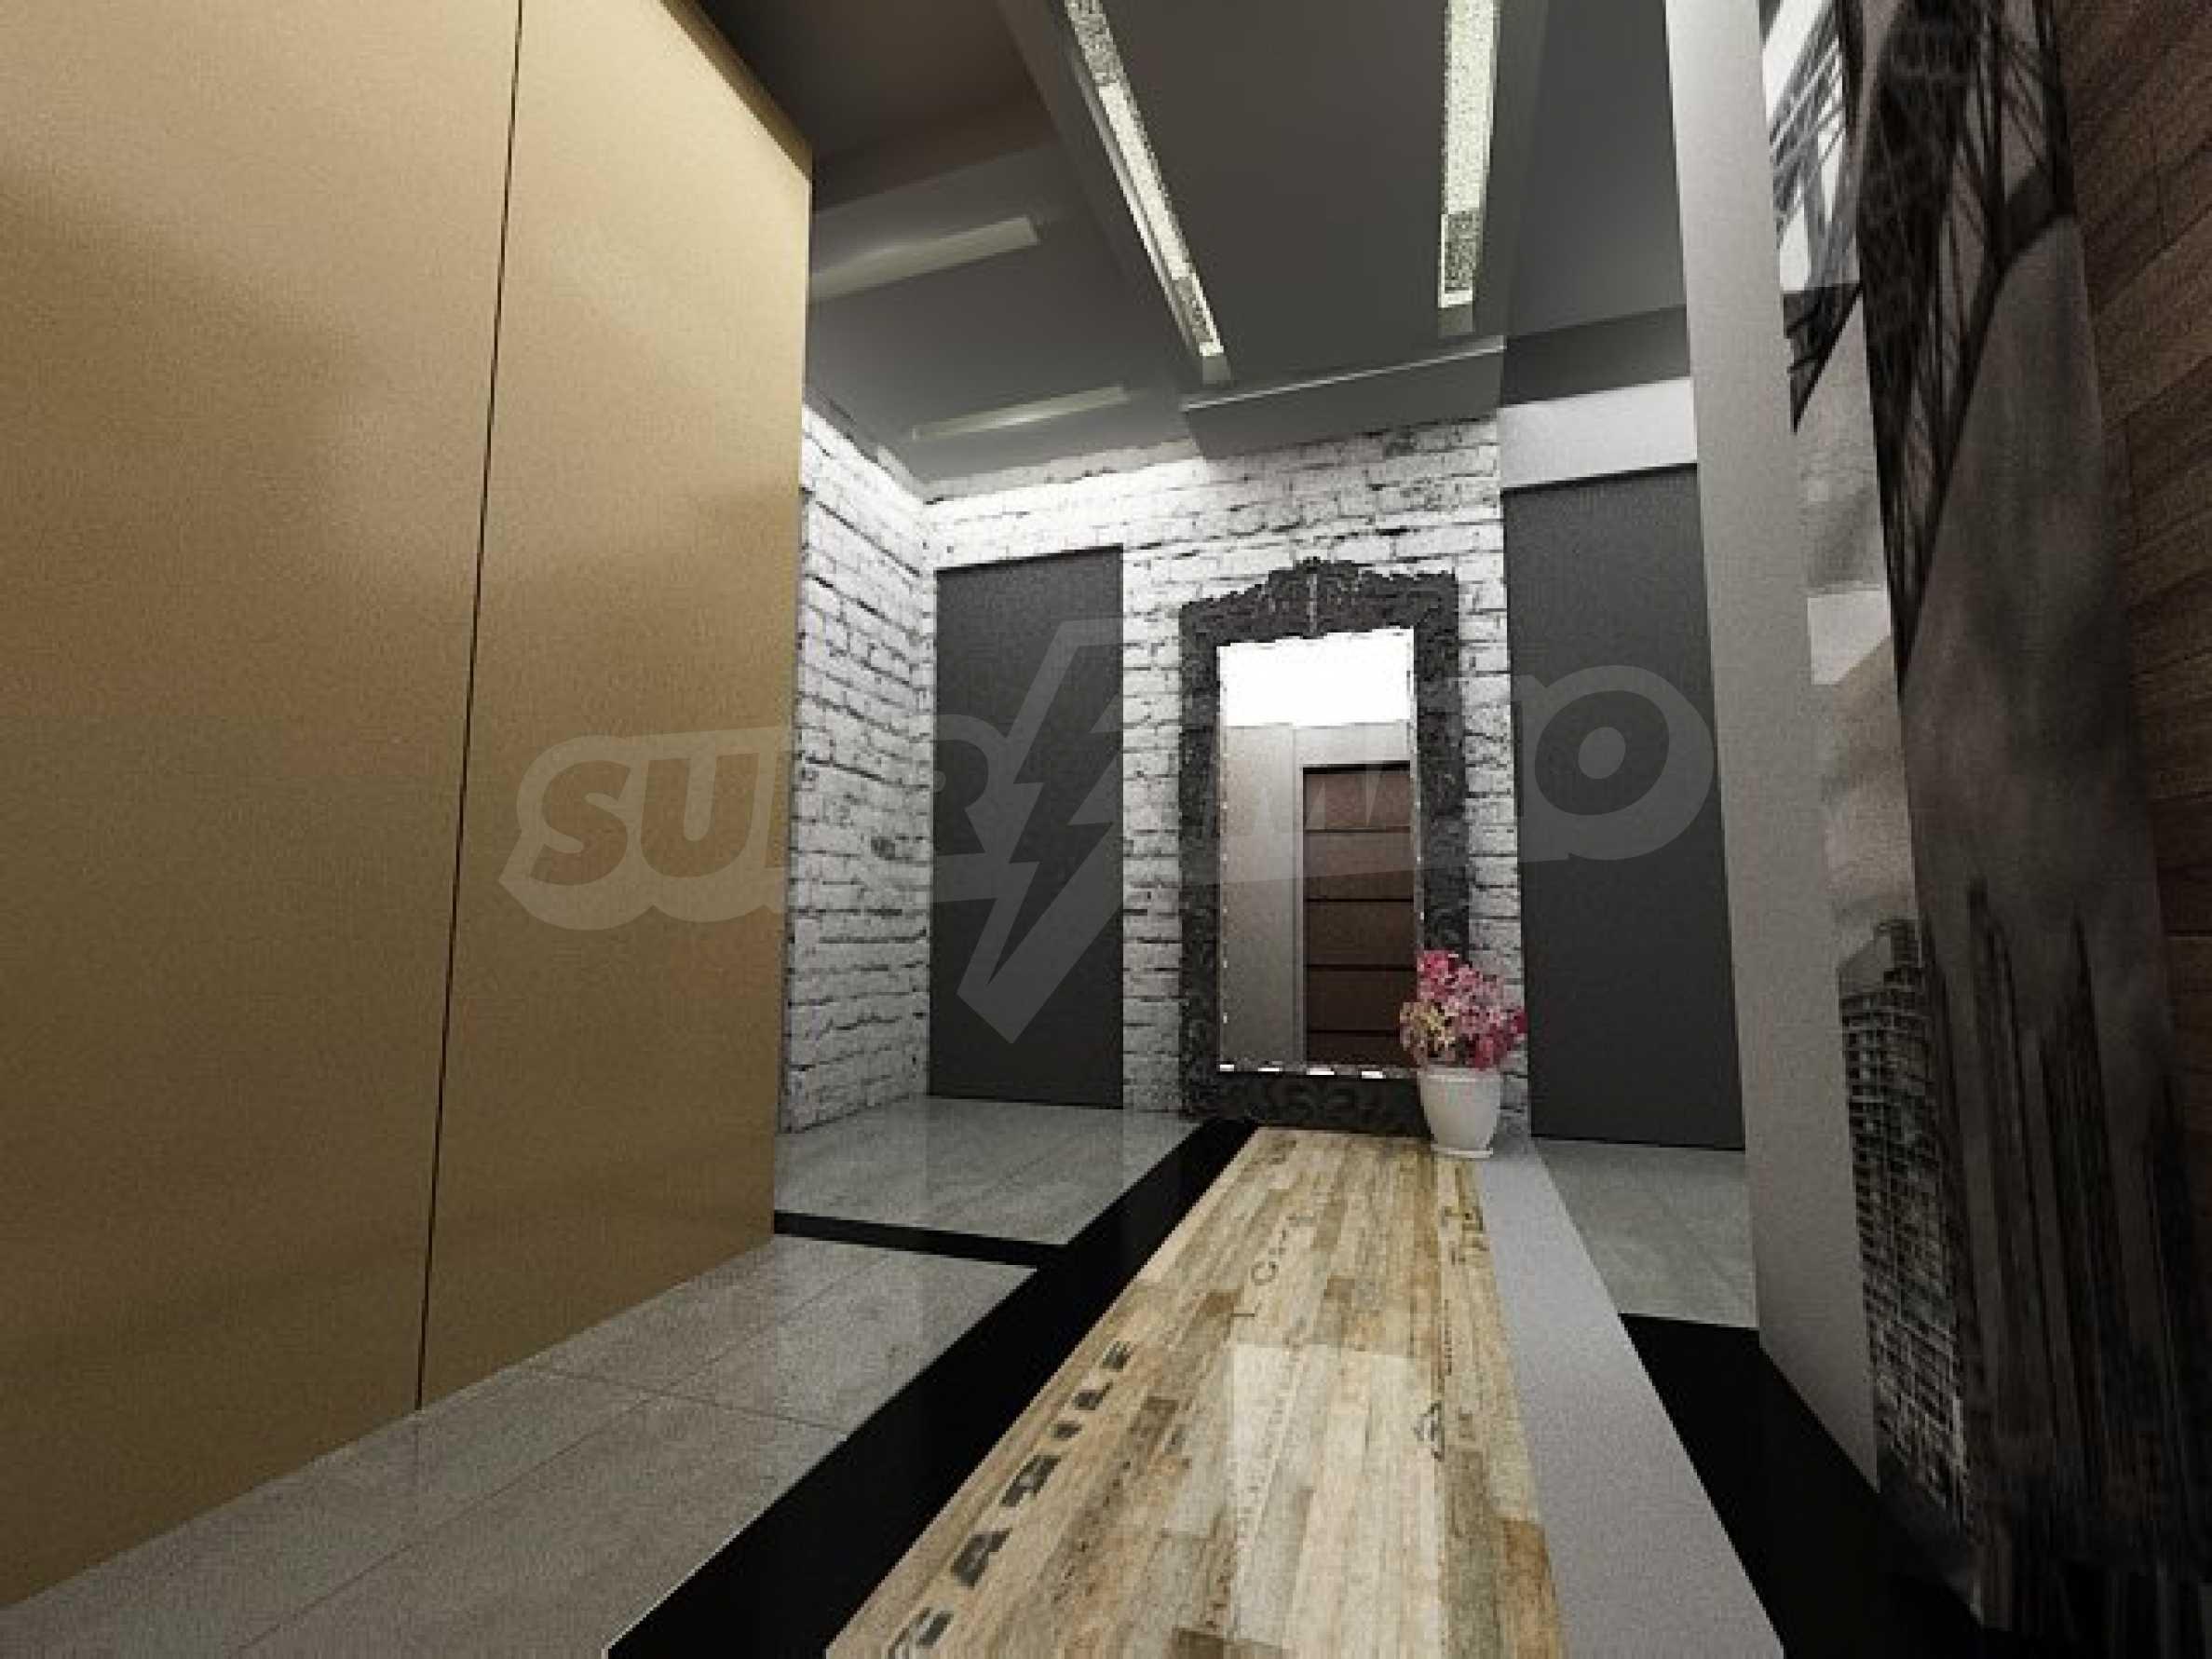 Многостаен апартамент в затворен комплекс, кв. Кръстова вада  3